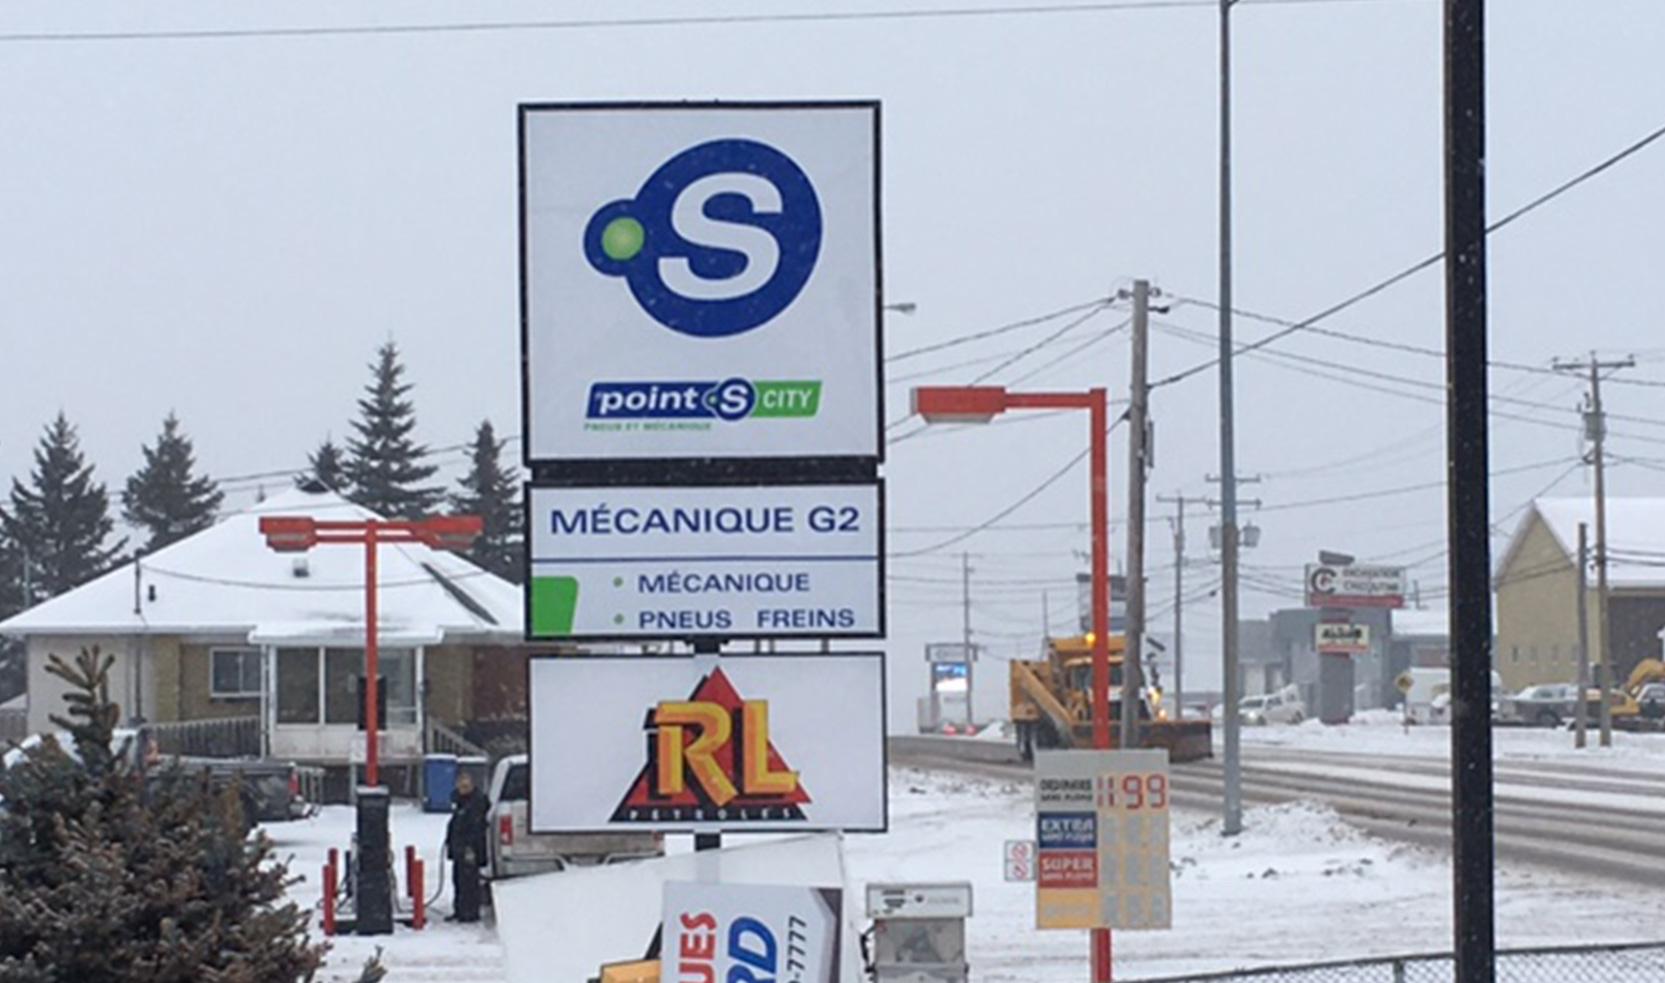 Saguenay Mécanique G2